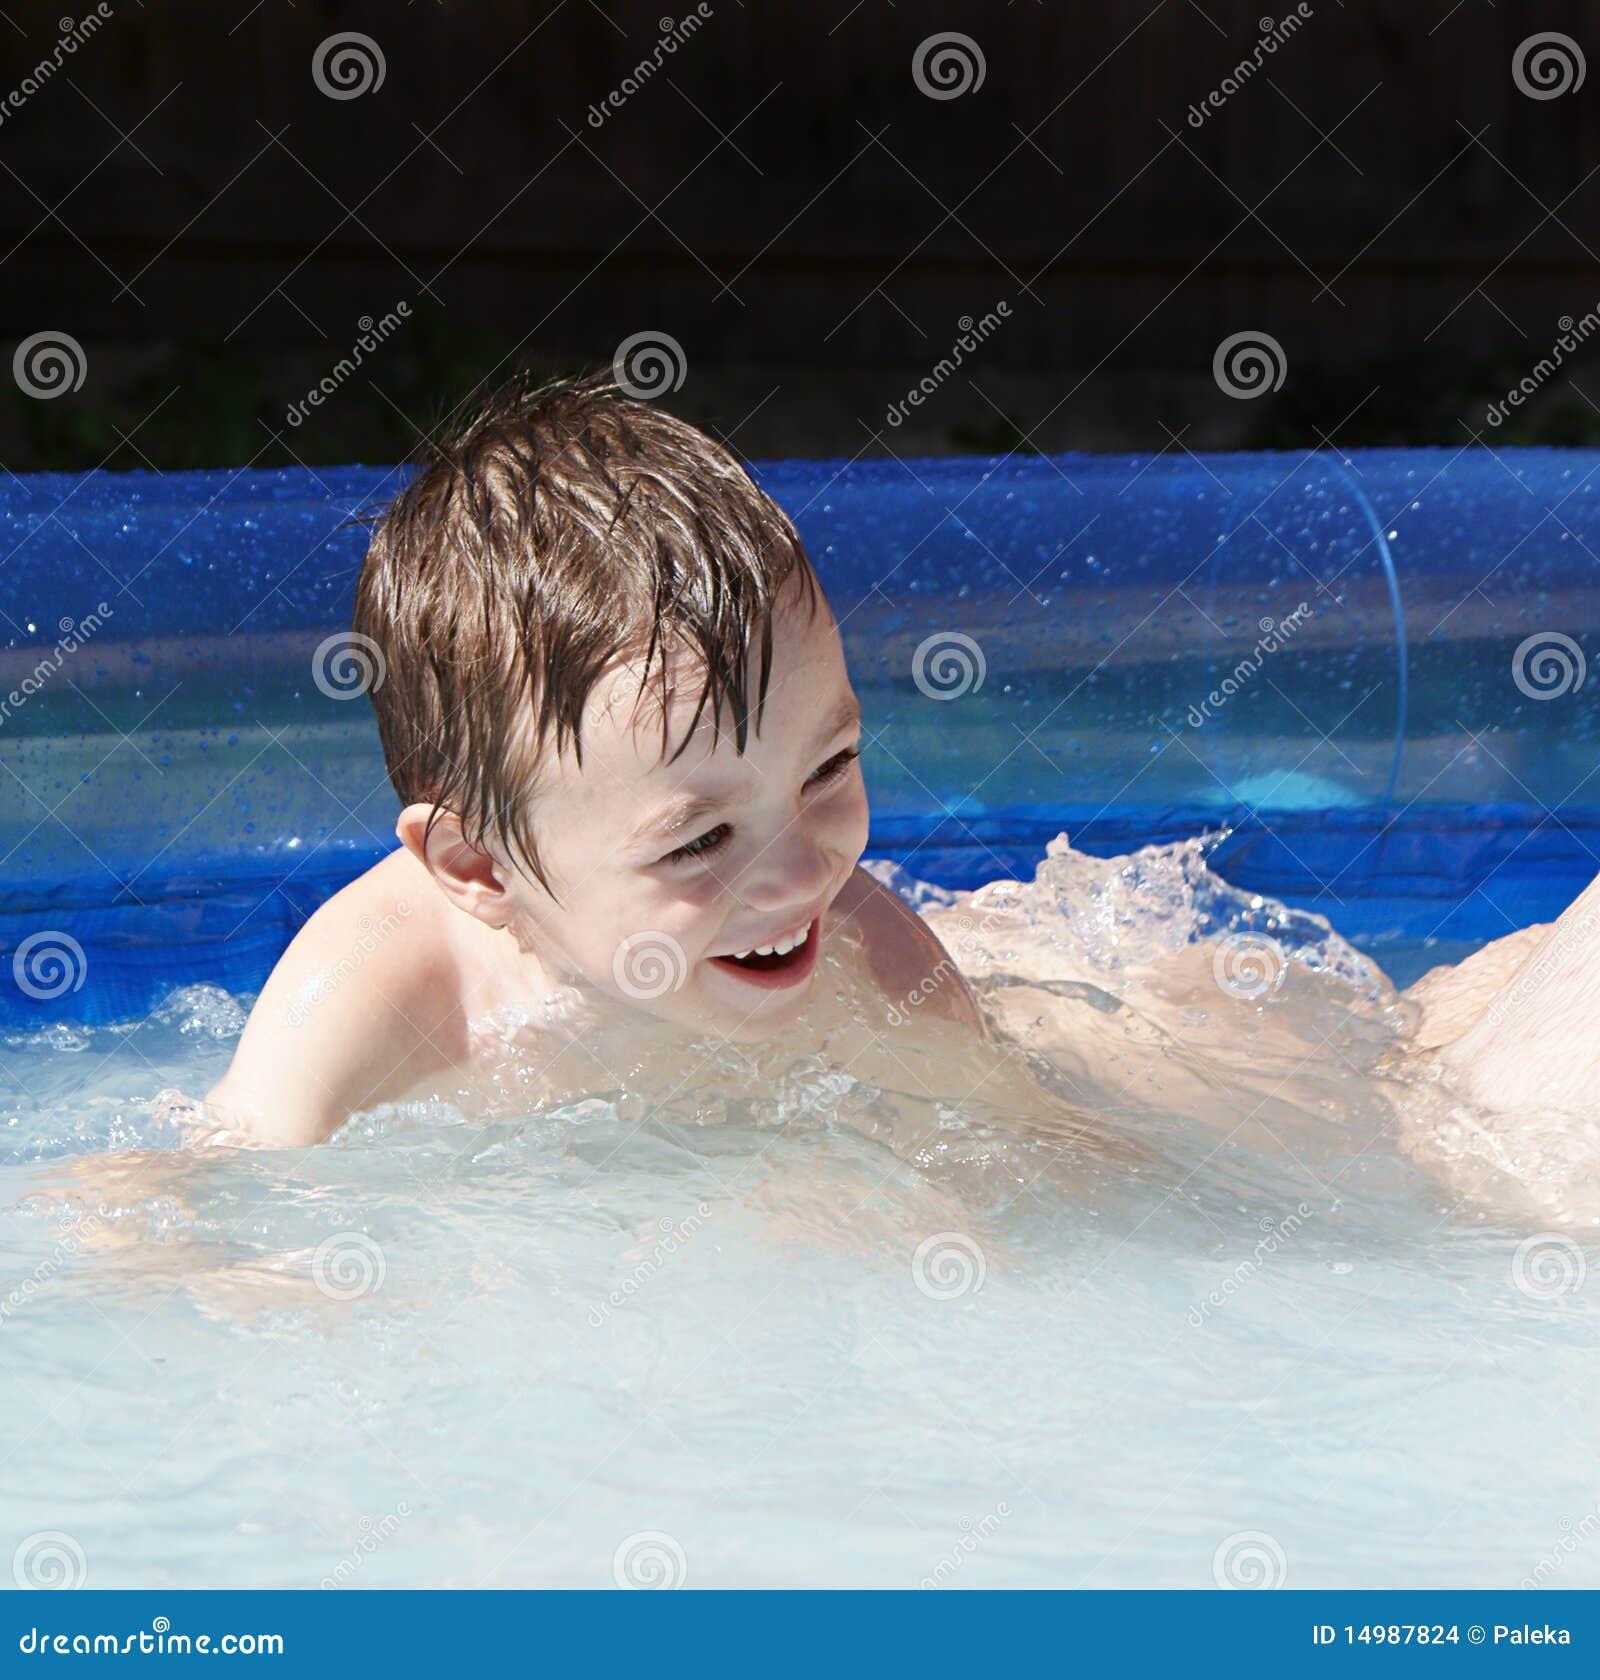 С мальчиком у бассейна 21 фотография